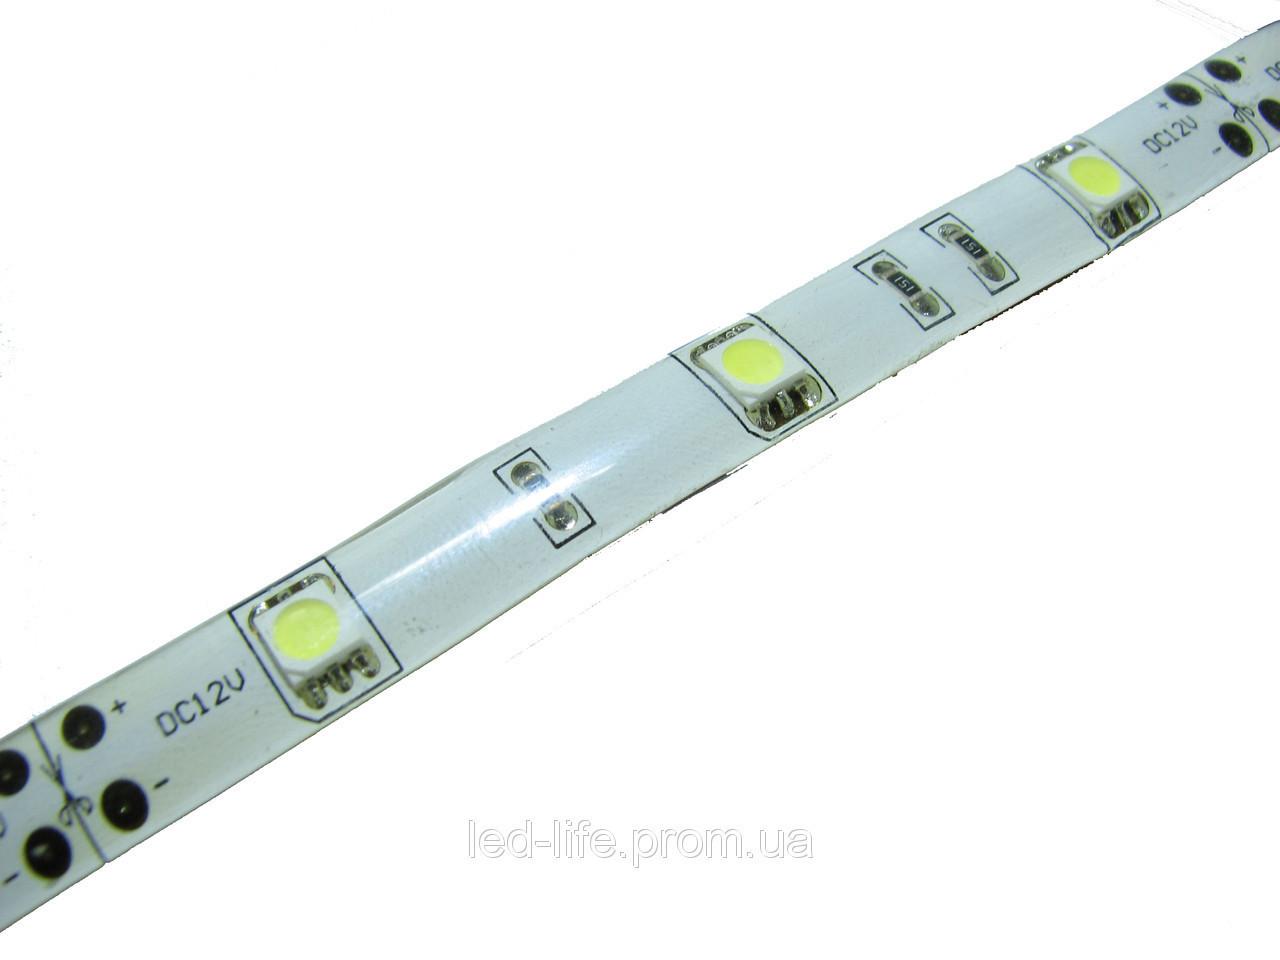 Светодиодная лента SMD 5050 30 шт/метр ВСЕ ЦВЕТА (герметичная)